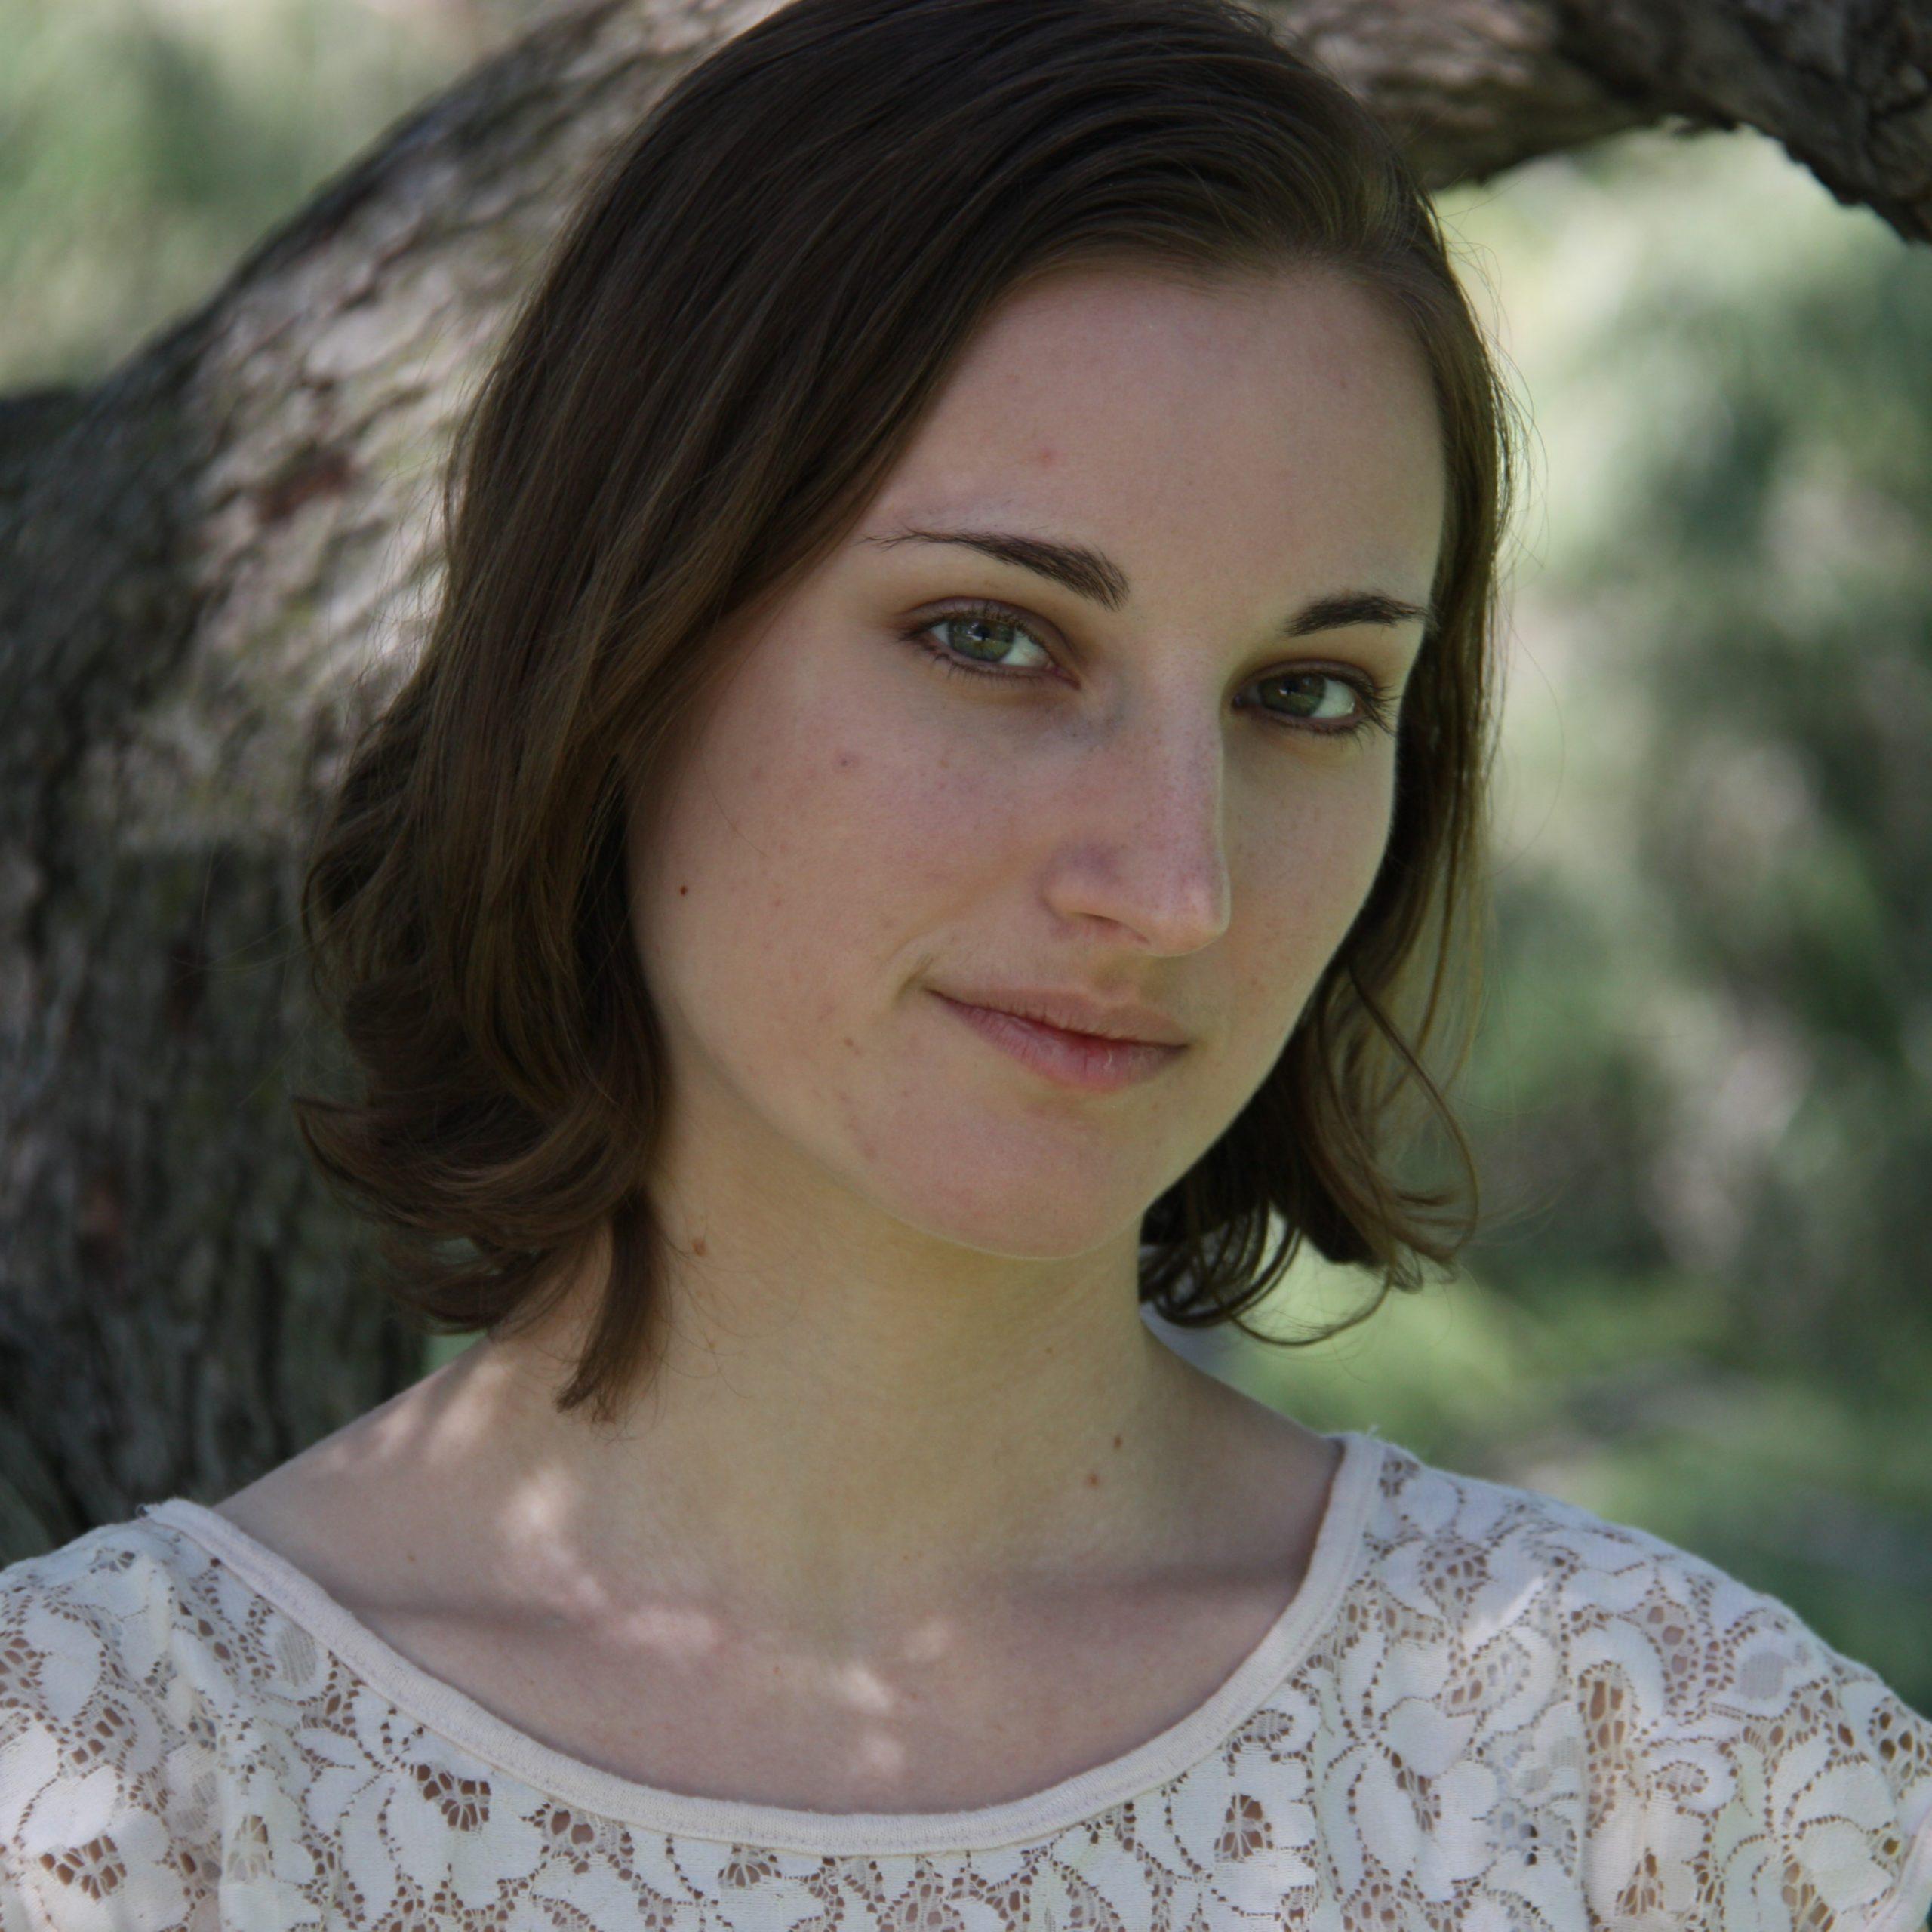 Erica Furgiuele